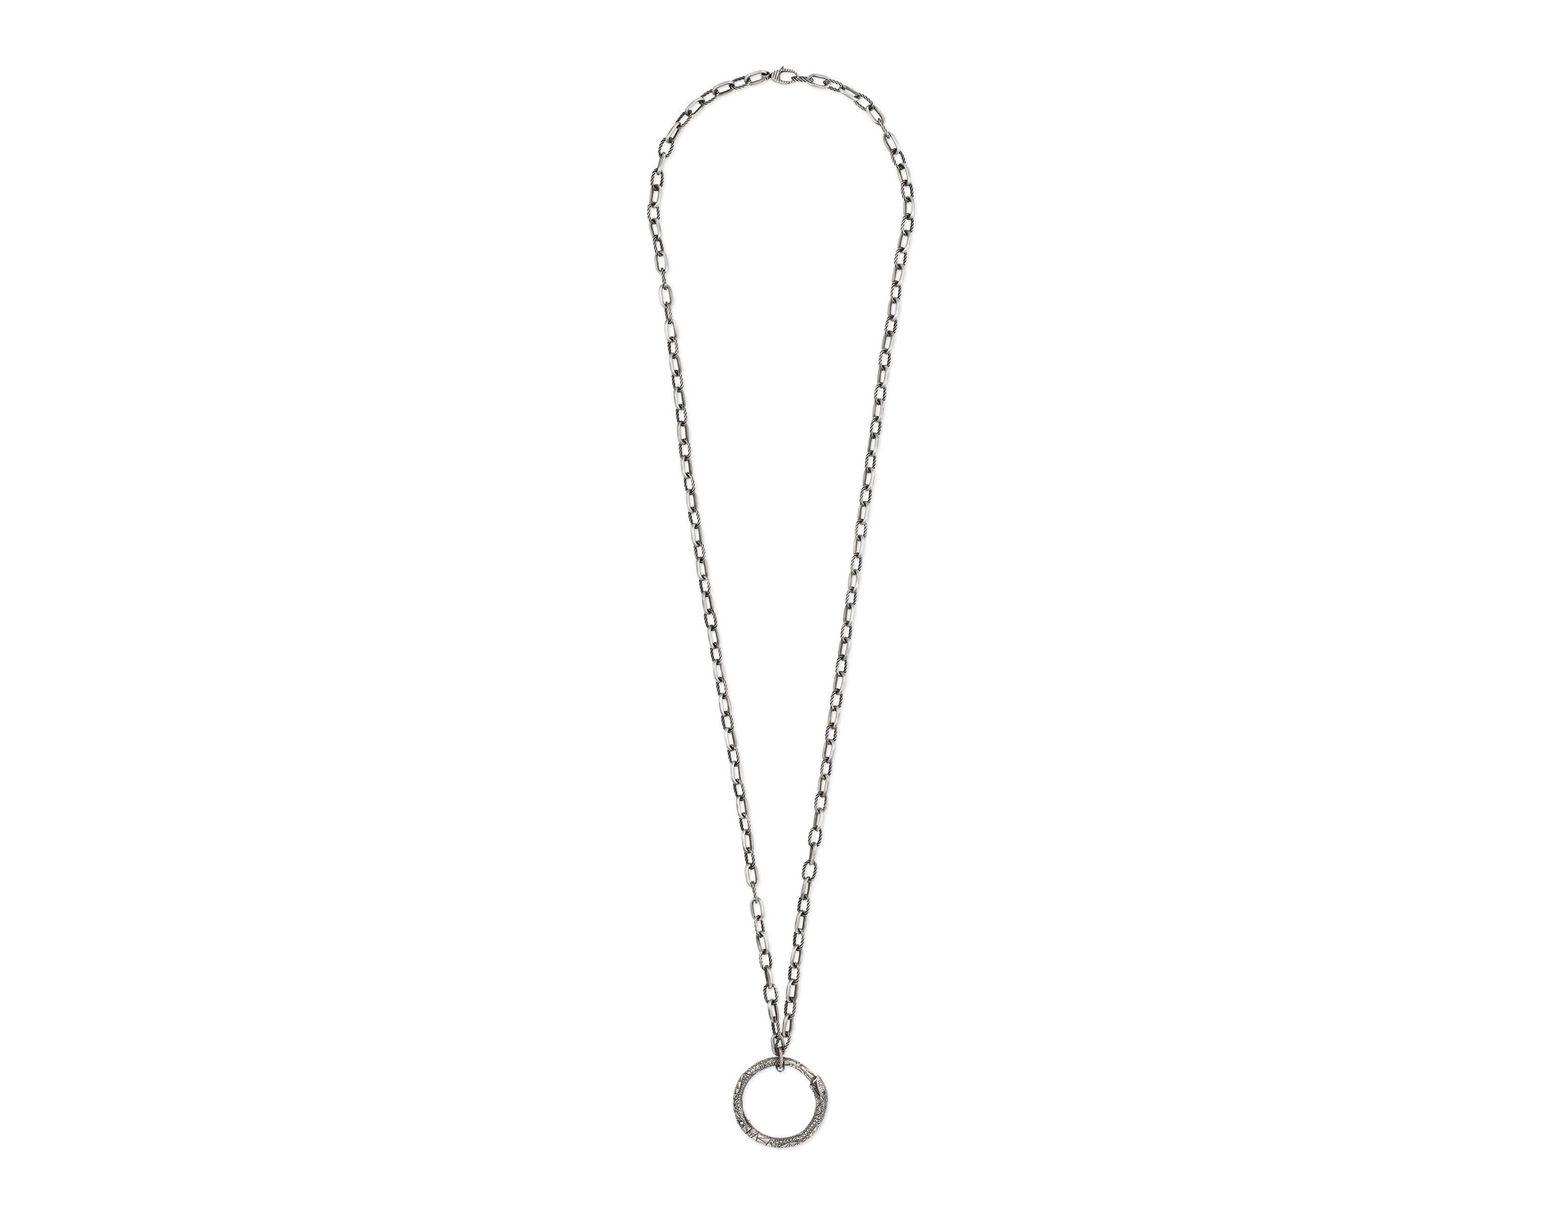 cfb7b62a3863 Collar con Colgante de Uróboros Gucci de color Metálico - Lyst